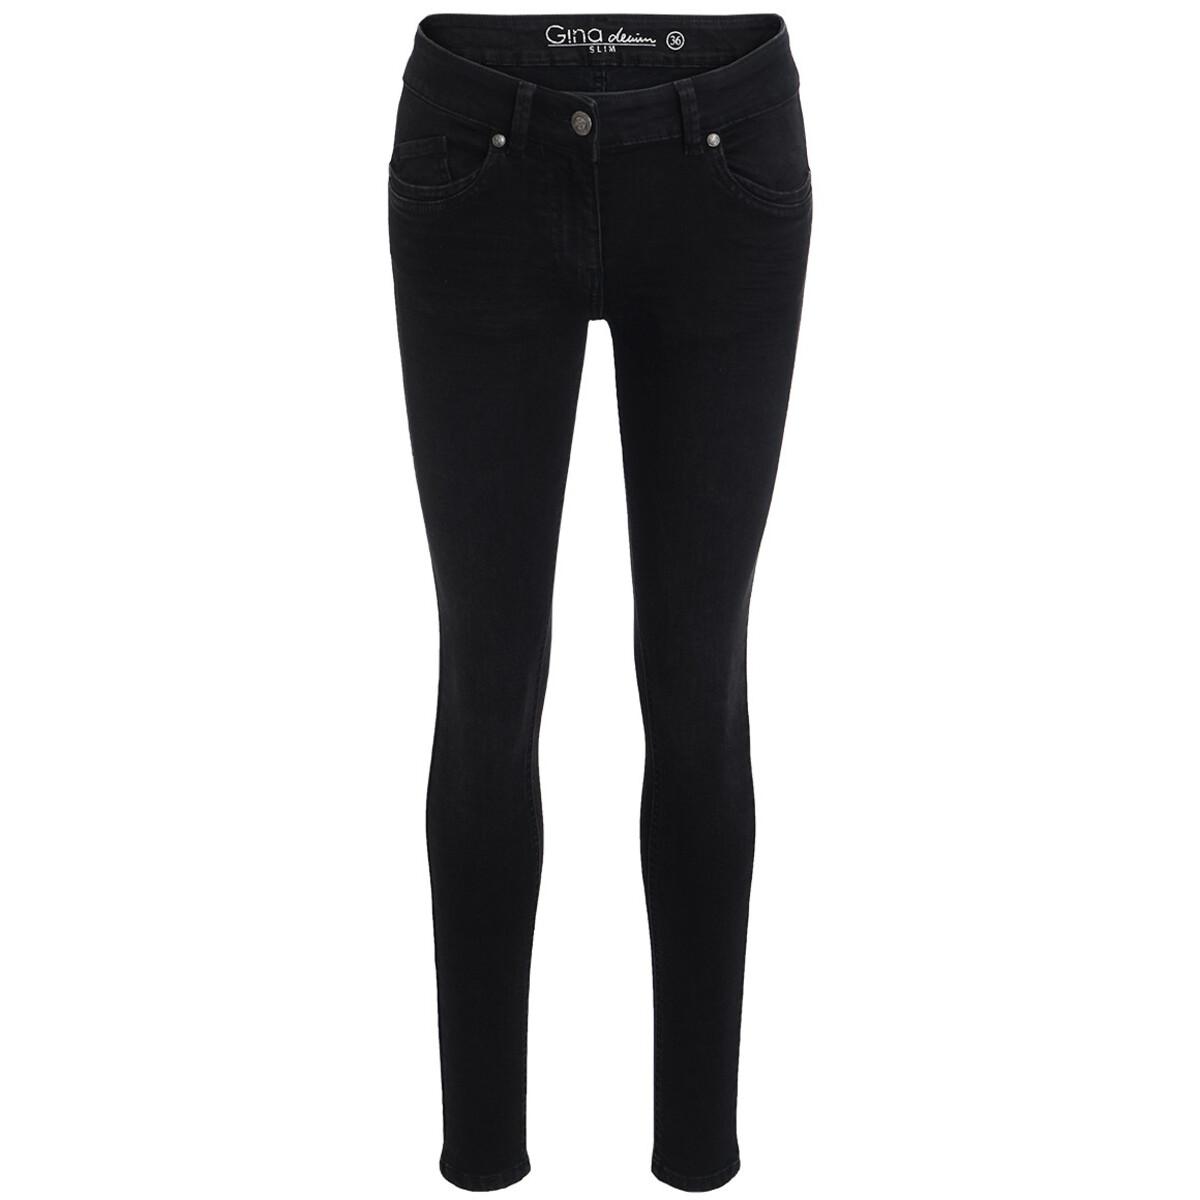 Bild 1 von Damen Superflexible-Jeans mit Knopf